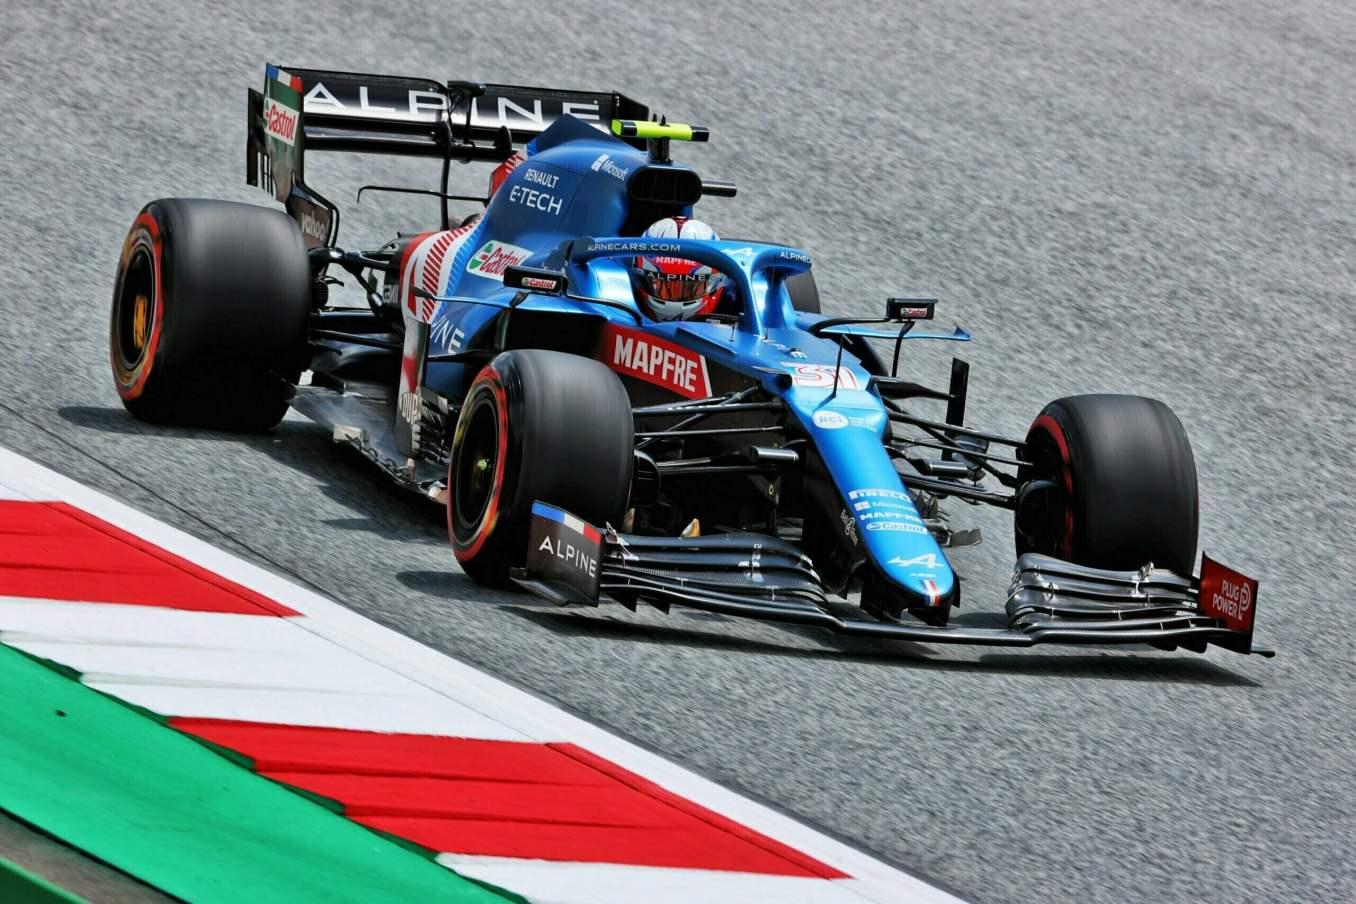 Alpine F1 Team Alonso Ocon Autriche Steiermark Grand Prix Spielberg A521 2021 20 scaled | Alpine F1 : Alonso réitère la Q3 et Ocon trébuche en Q1 à Spielberg